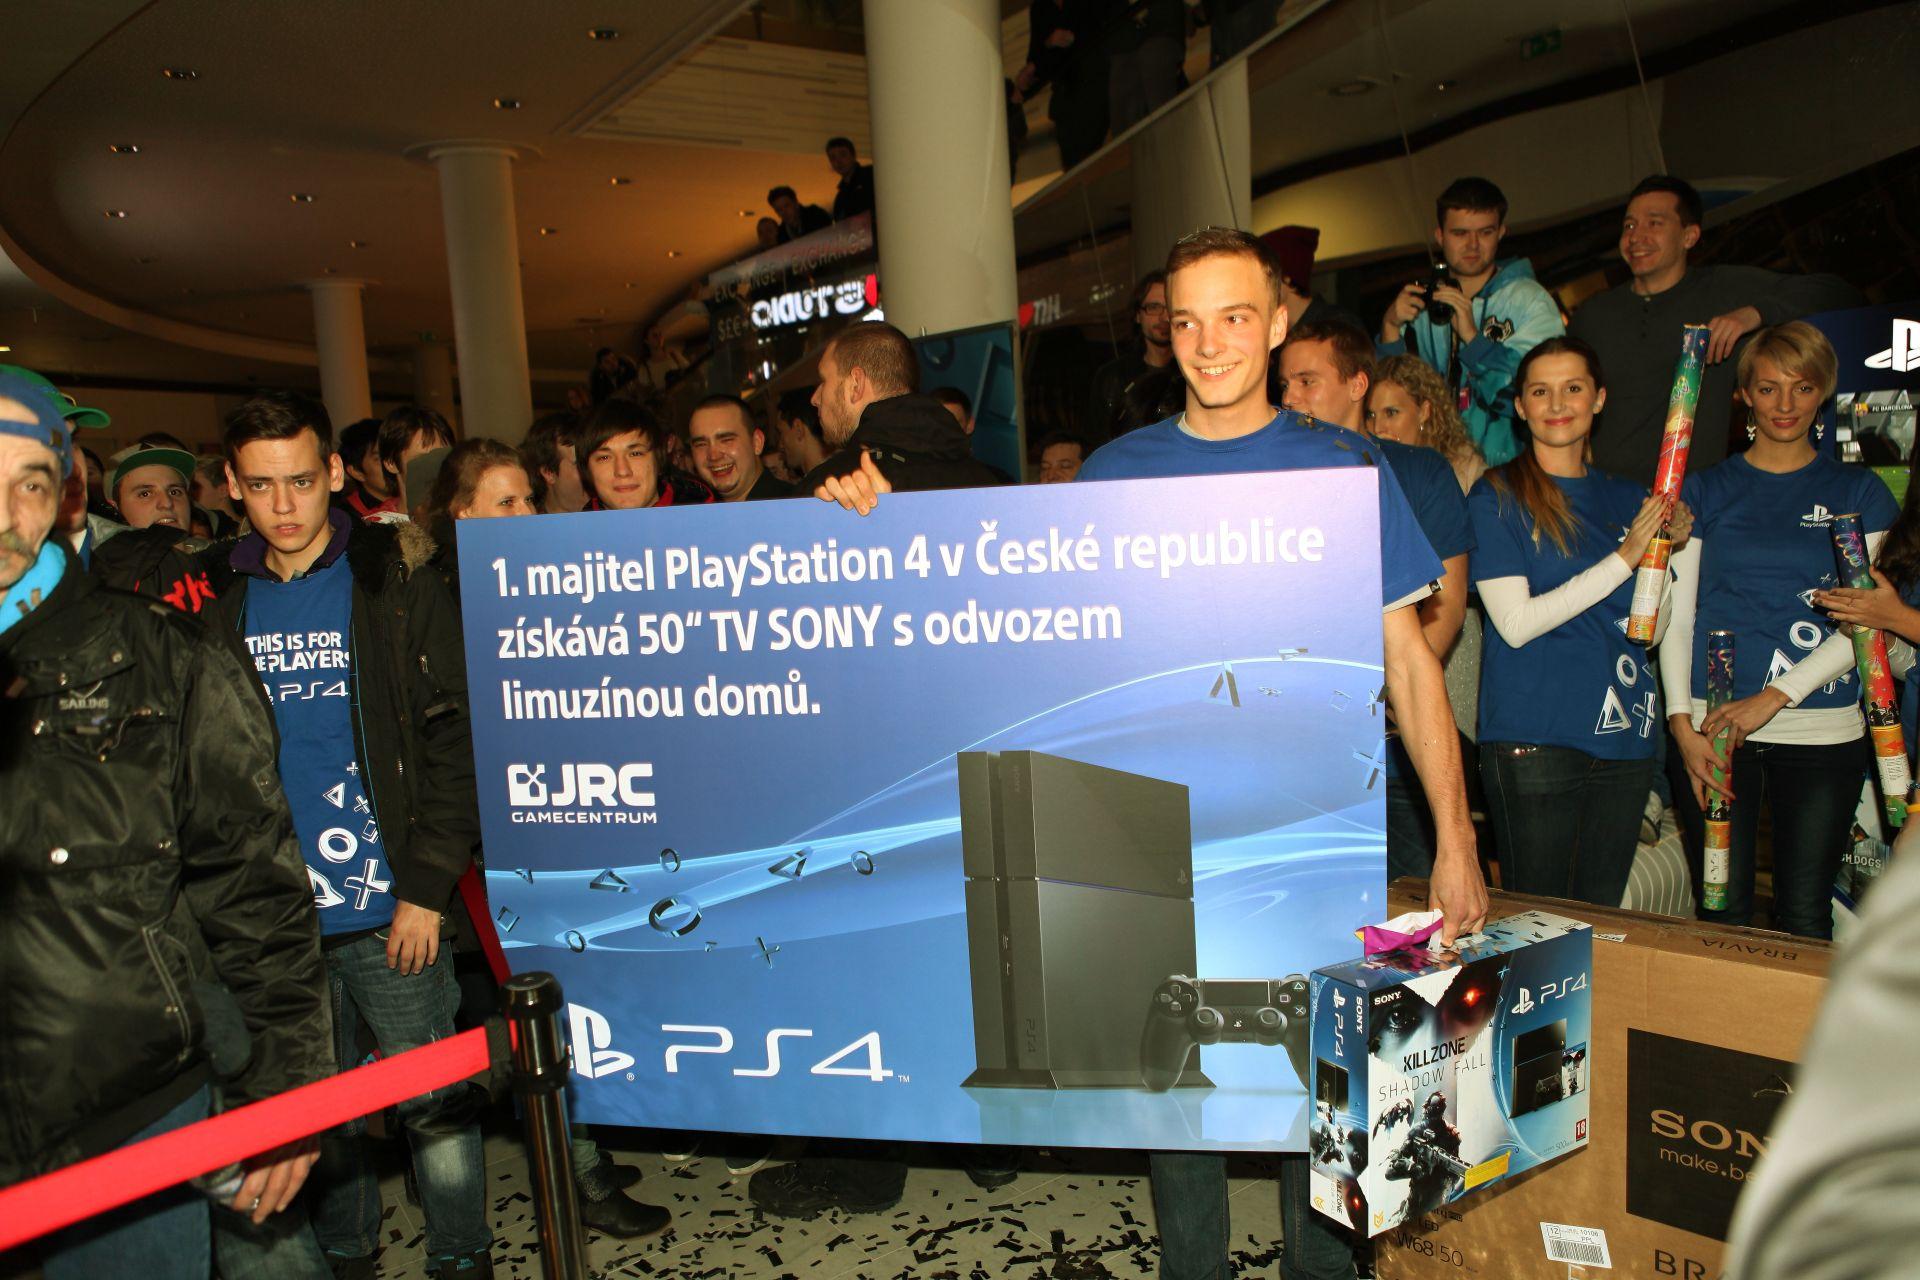 Fotky z půlnočního prodeje PS4 v Praze a Bratislavě 90903